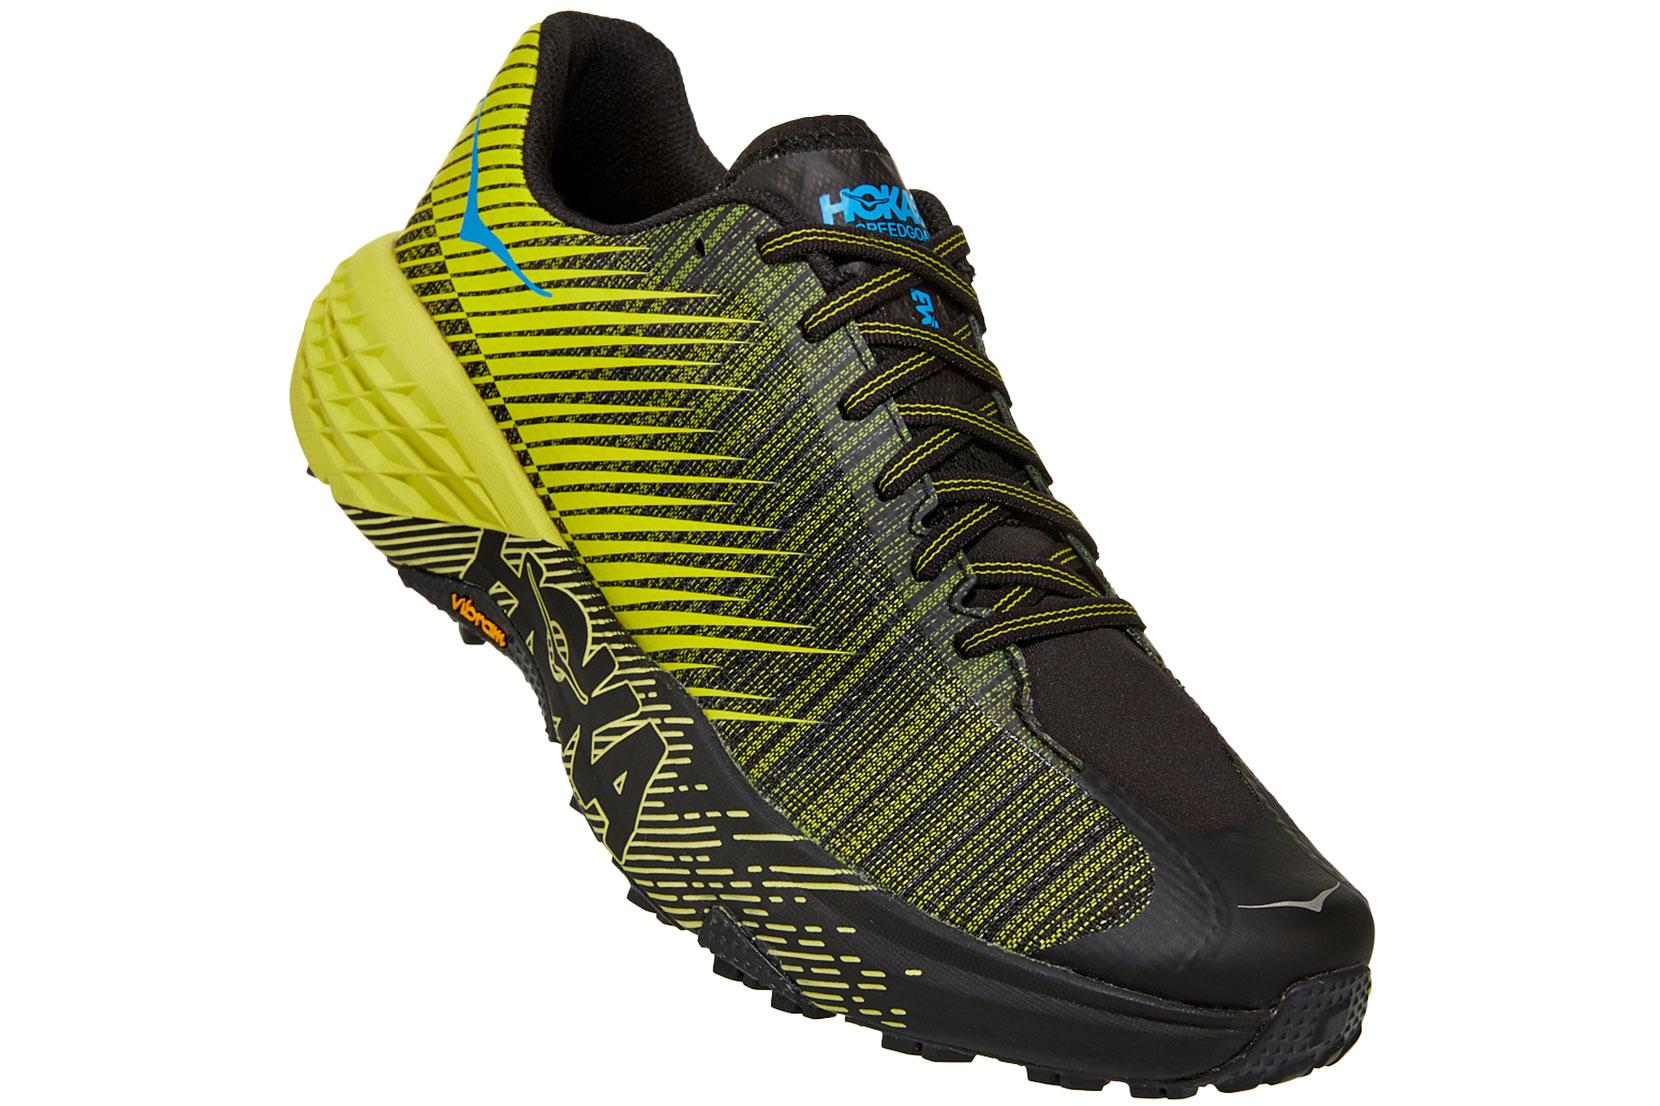 HOKA ONE ONE EVO Speedgoat trail-running shoe